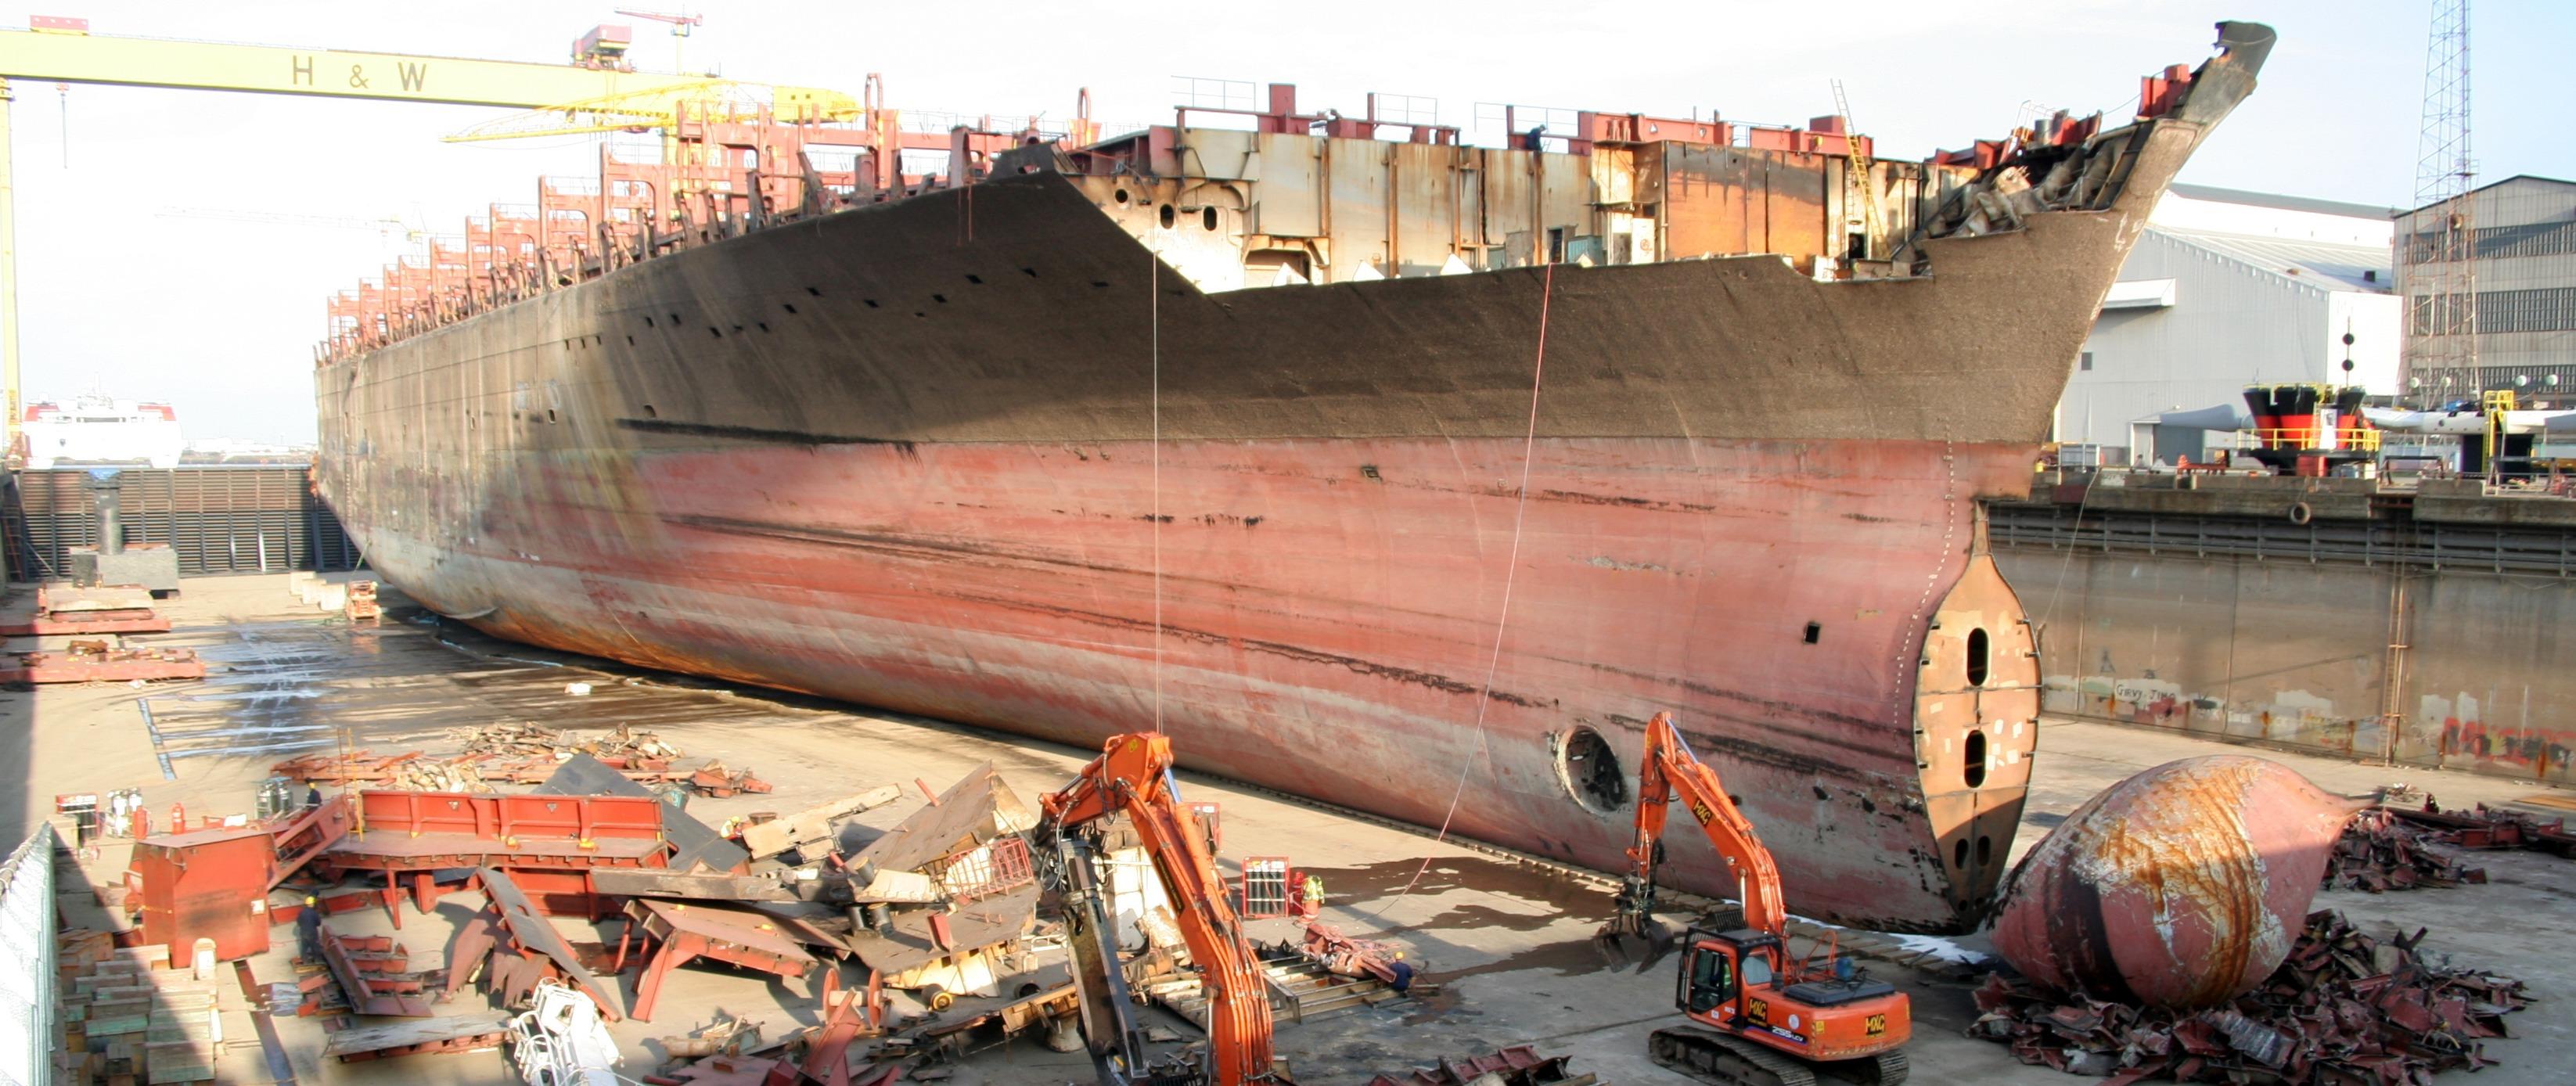 Descomissionamento de Navios e Plataformas de Petróleo